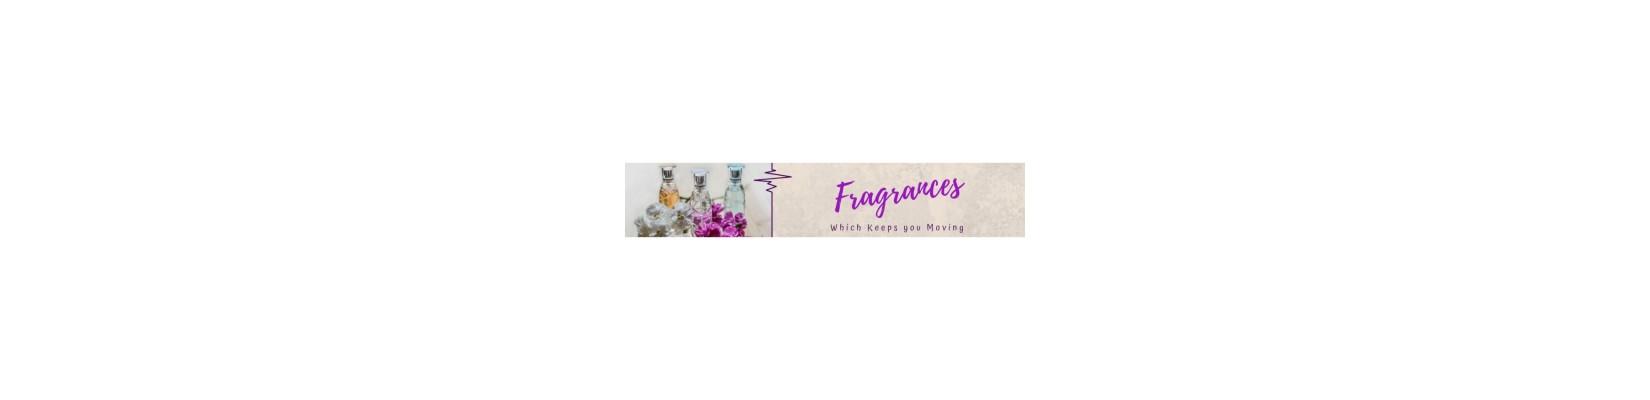 Buy Original Perfumes for Women